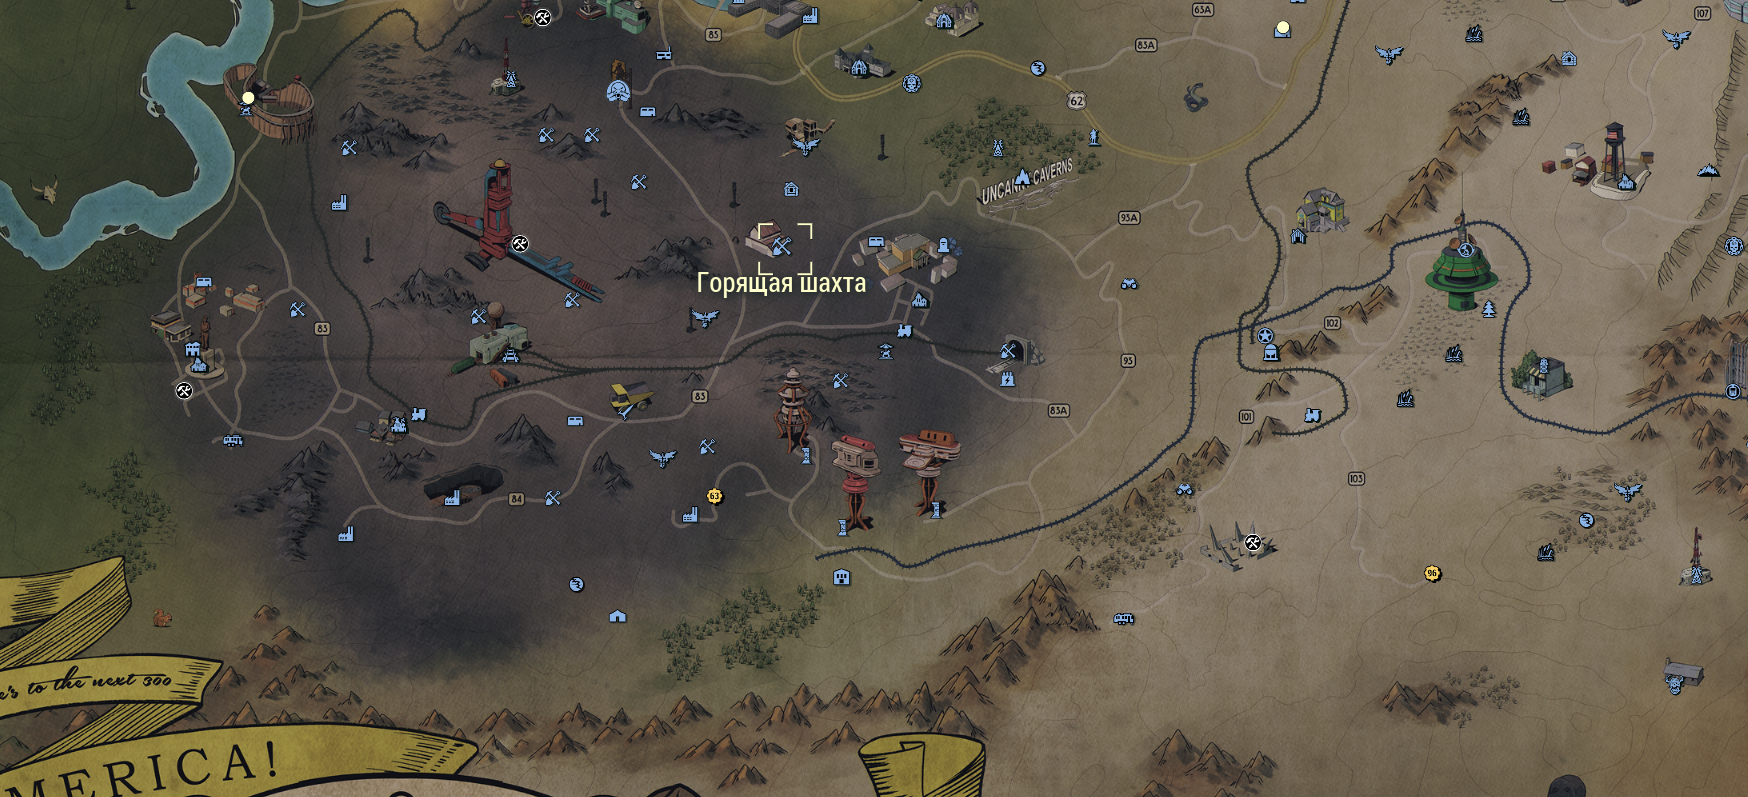 Горящая шахта